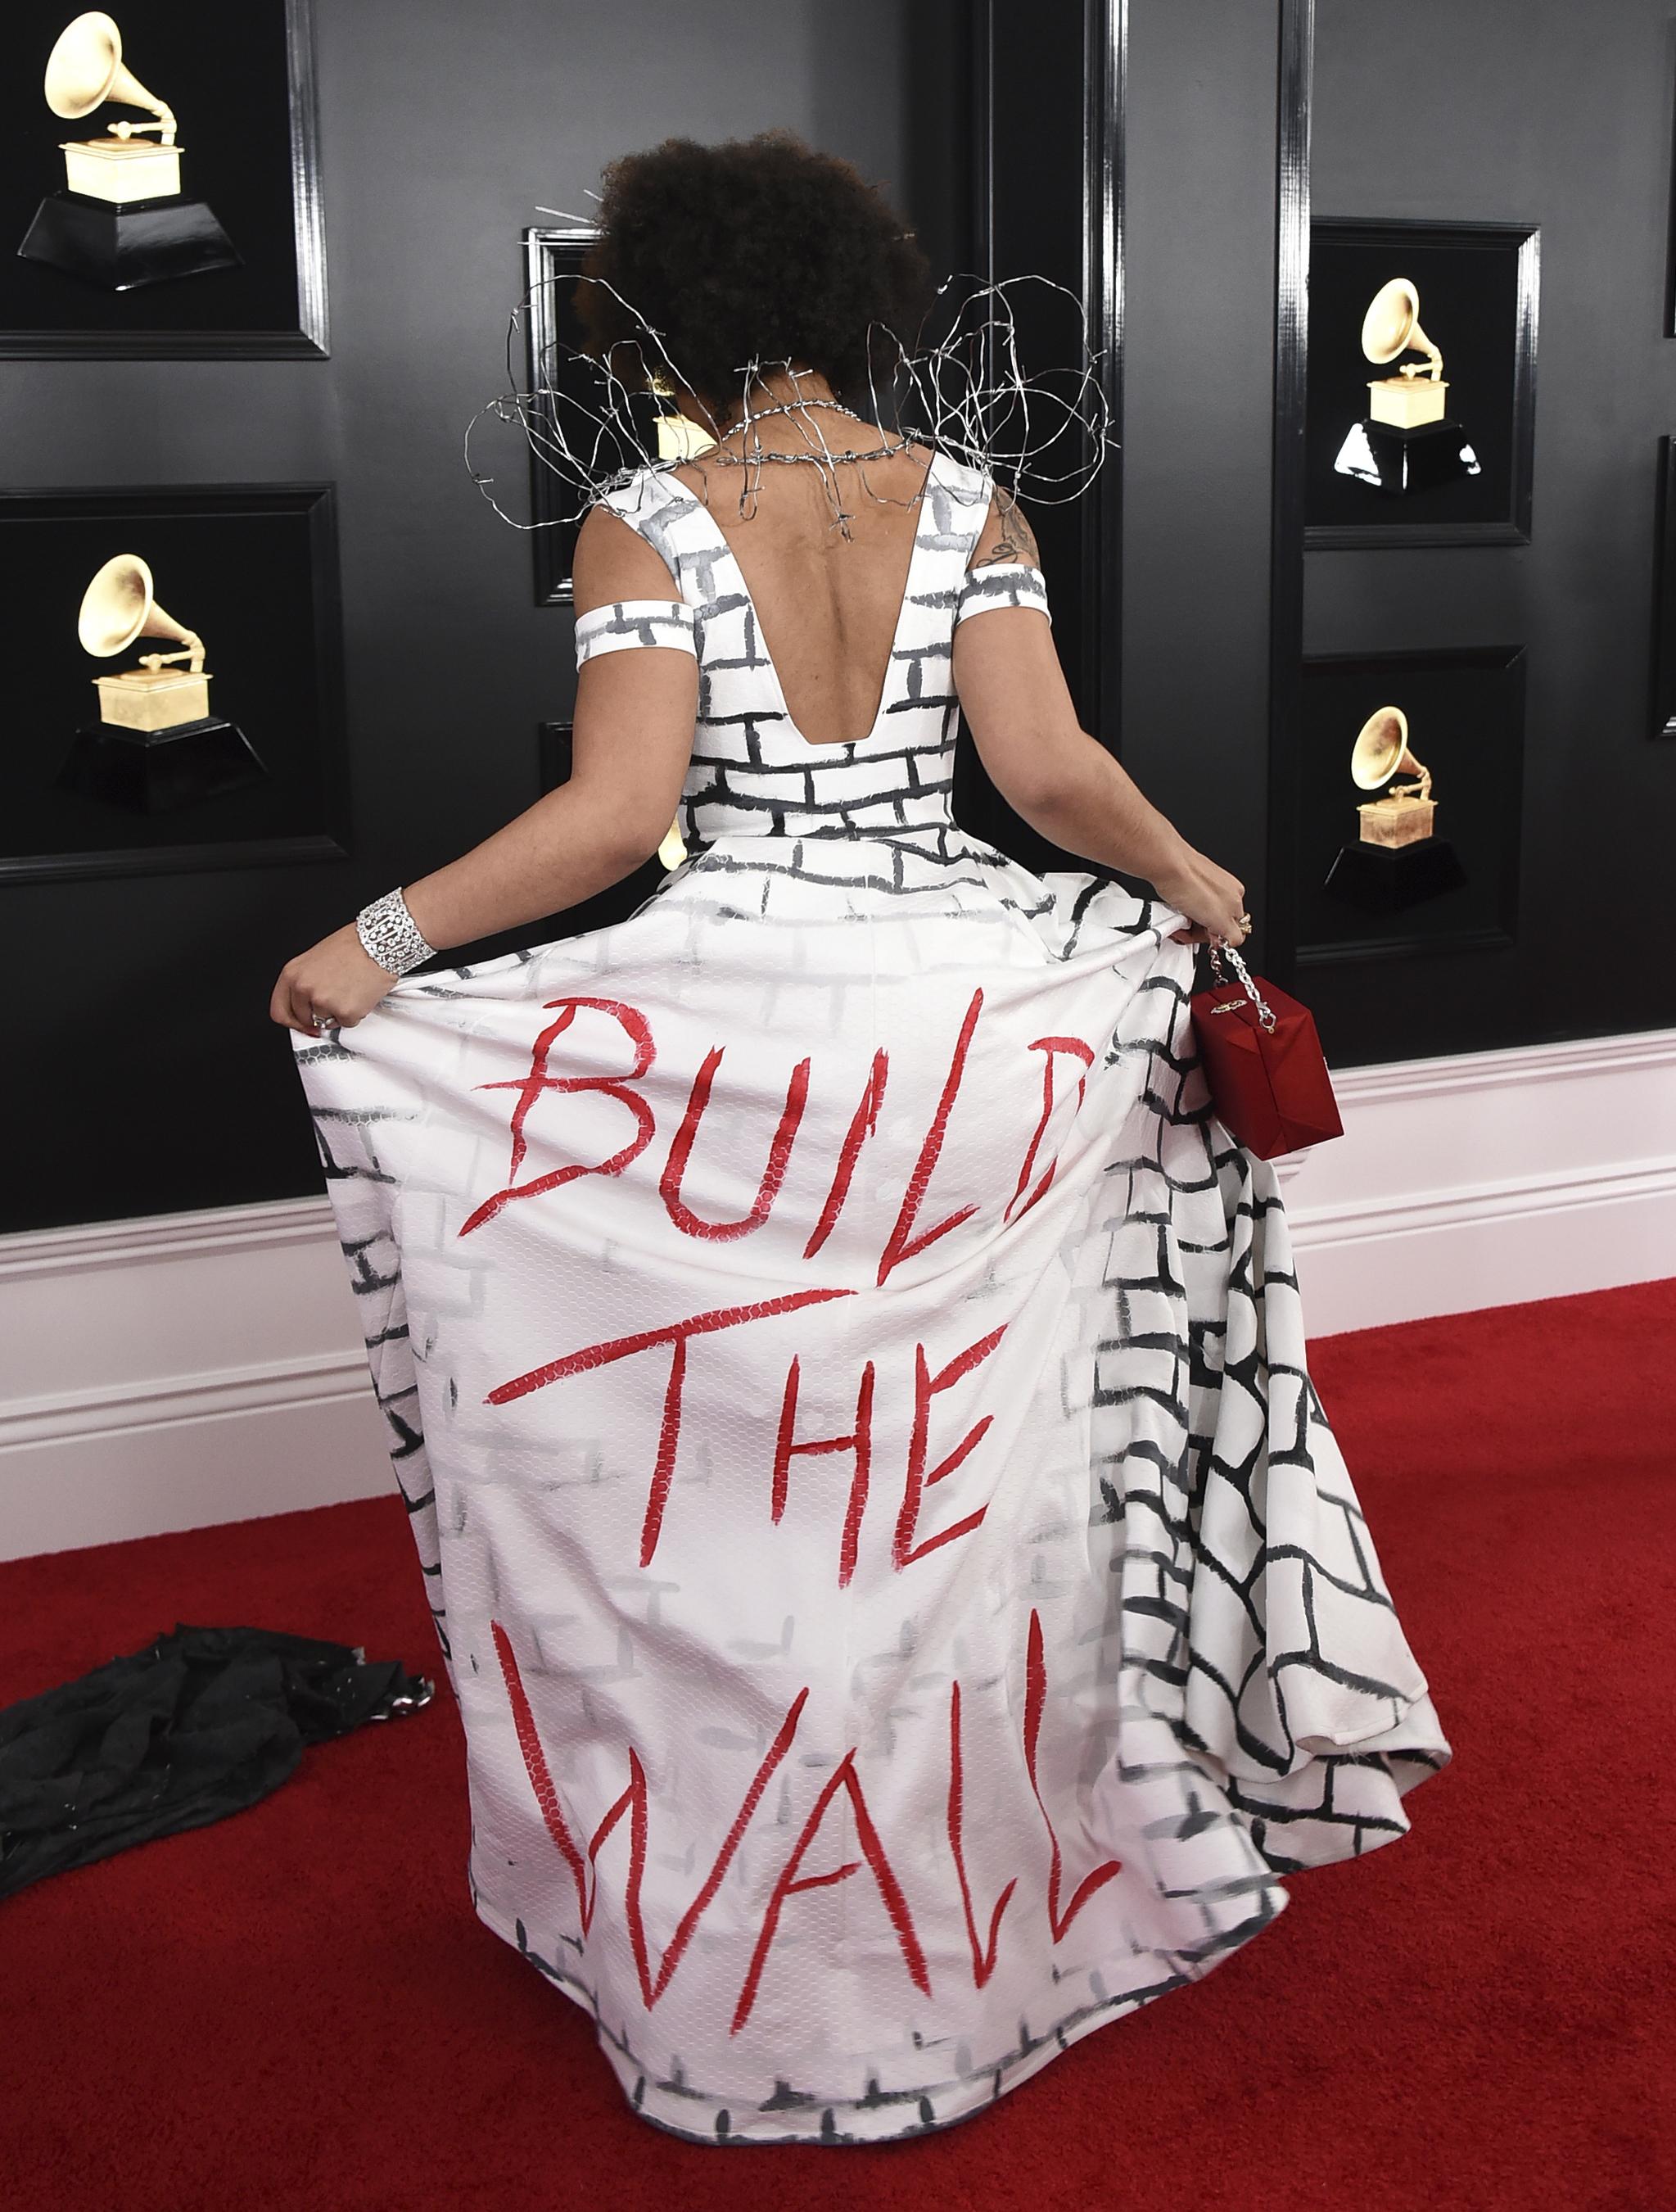 가수 조이 빌라가 지난 10일 그래미상 수상식이 열린 로스앤젤레스 스테이플즈 센터에 들어서며 포즈를 취하고 있다.[로이터=연합뉴스]